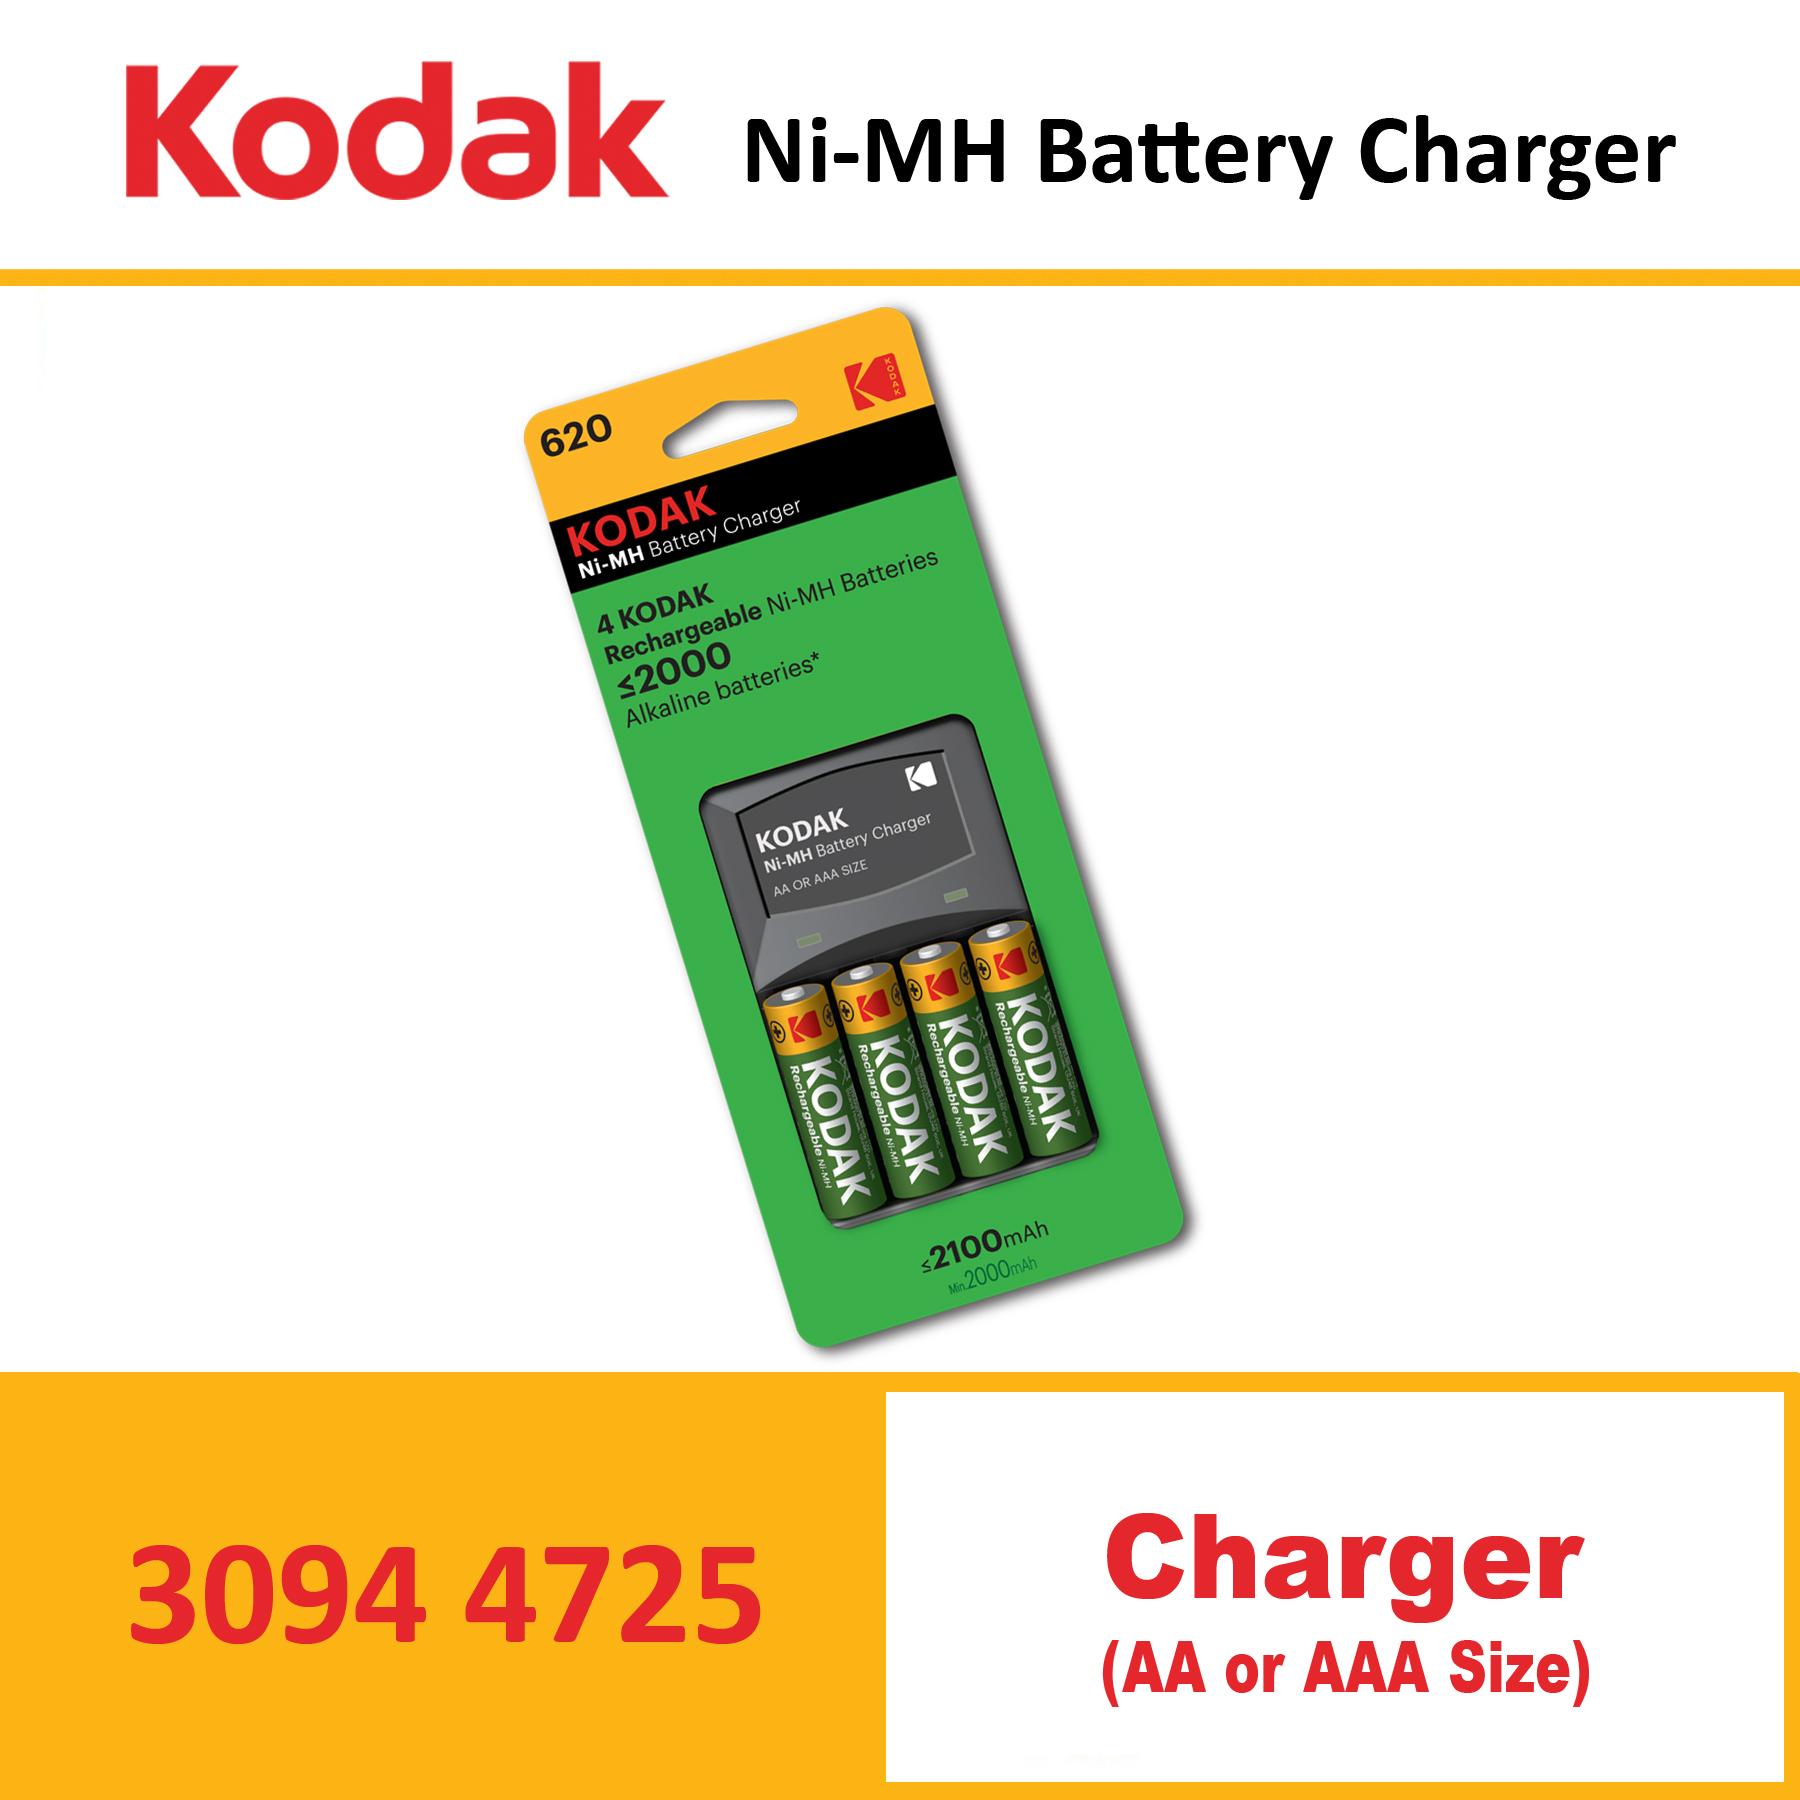 KODAK Charger K620E-C+4AA 2100mah